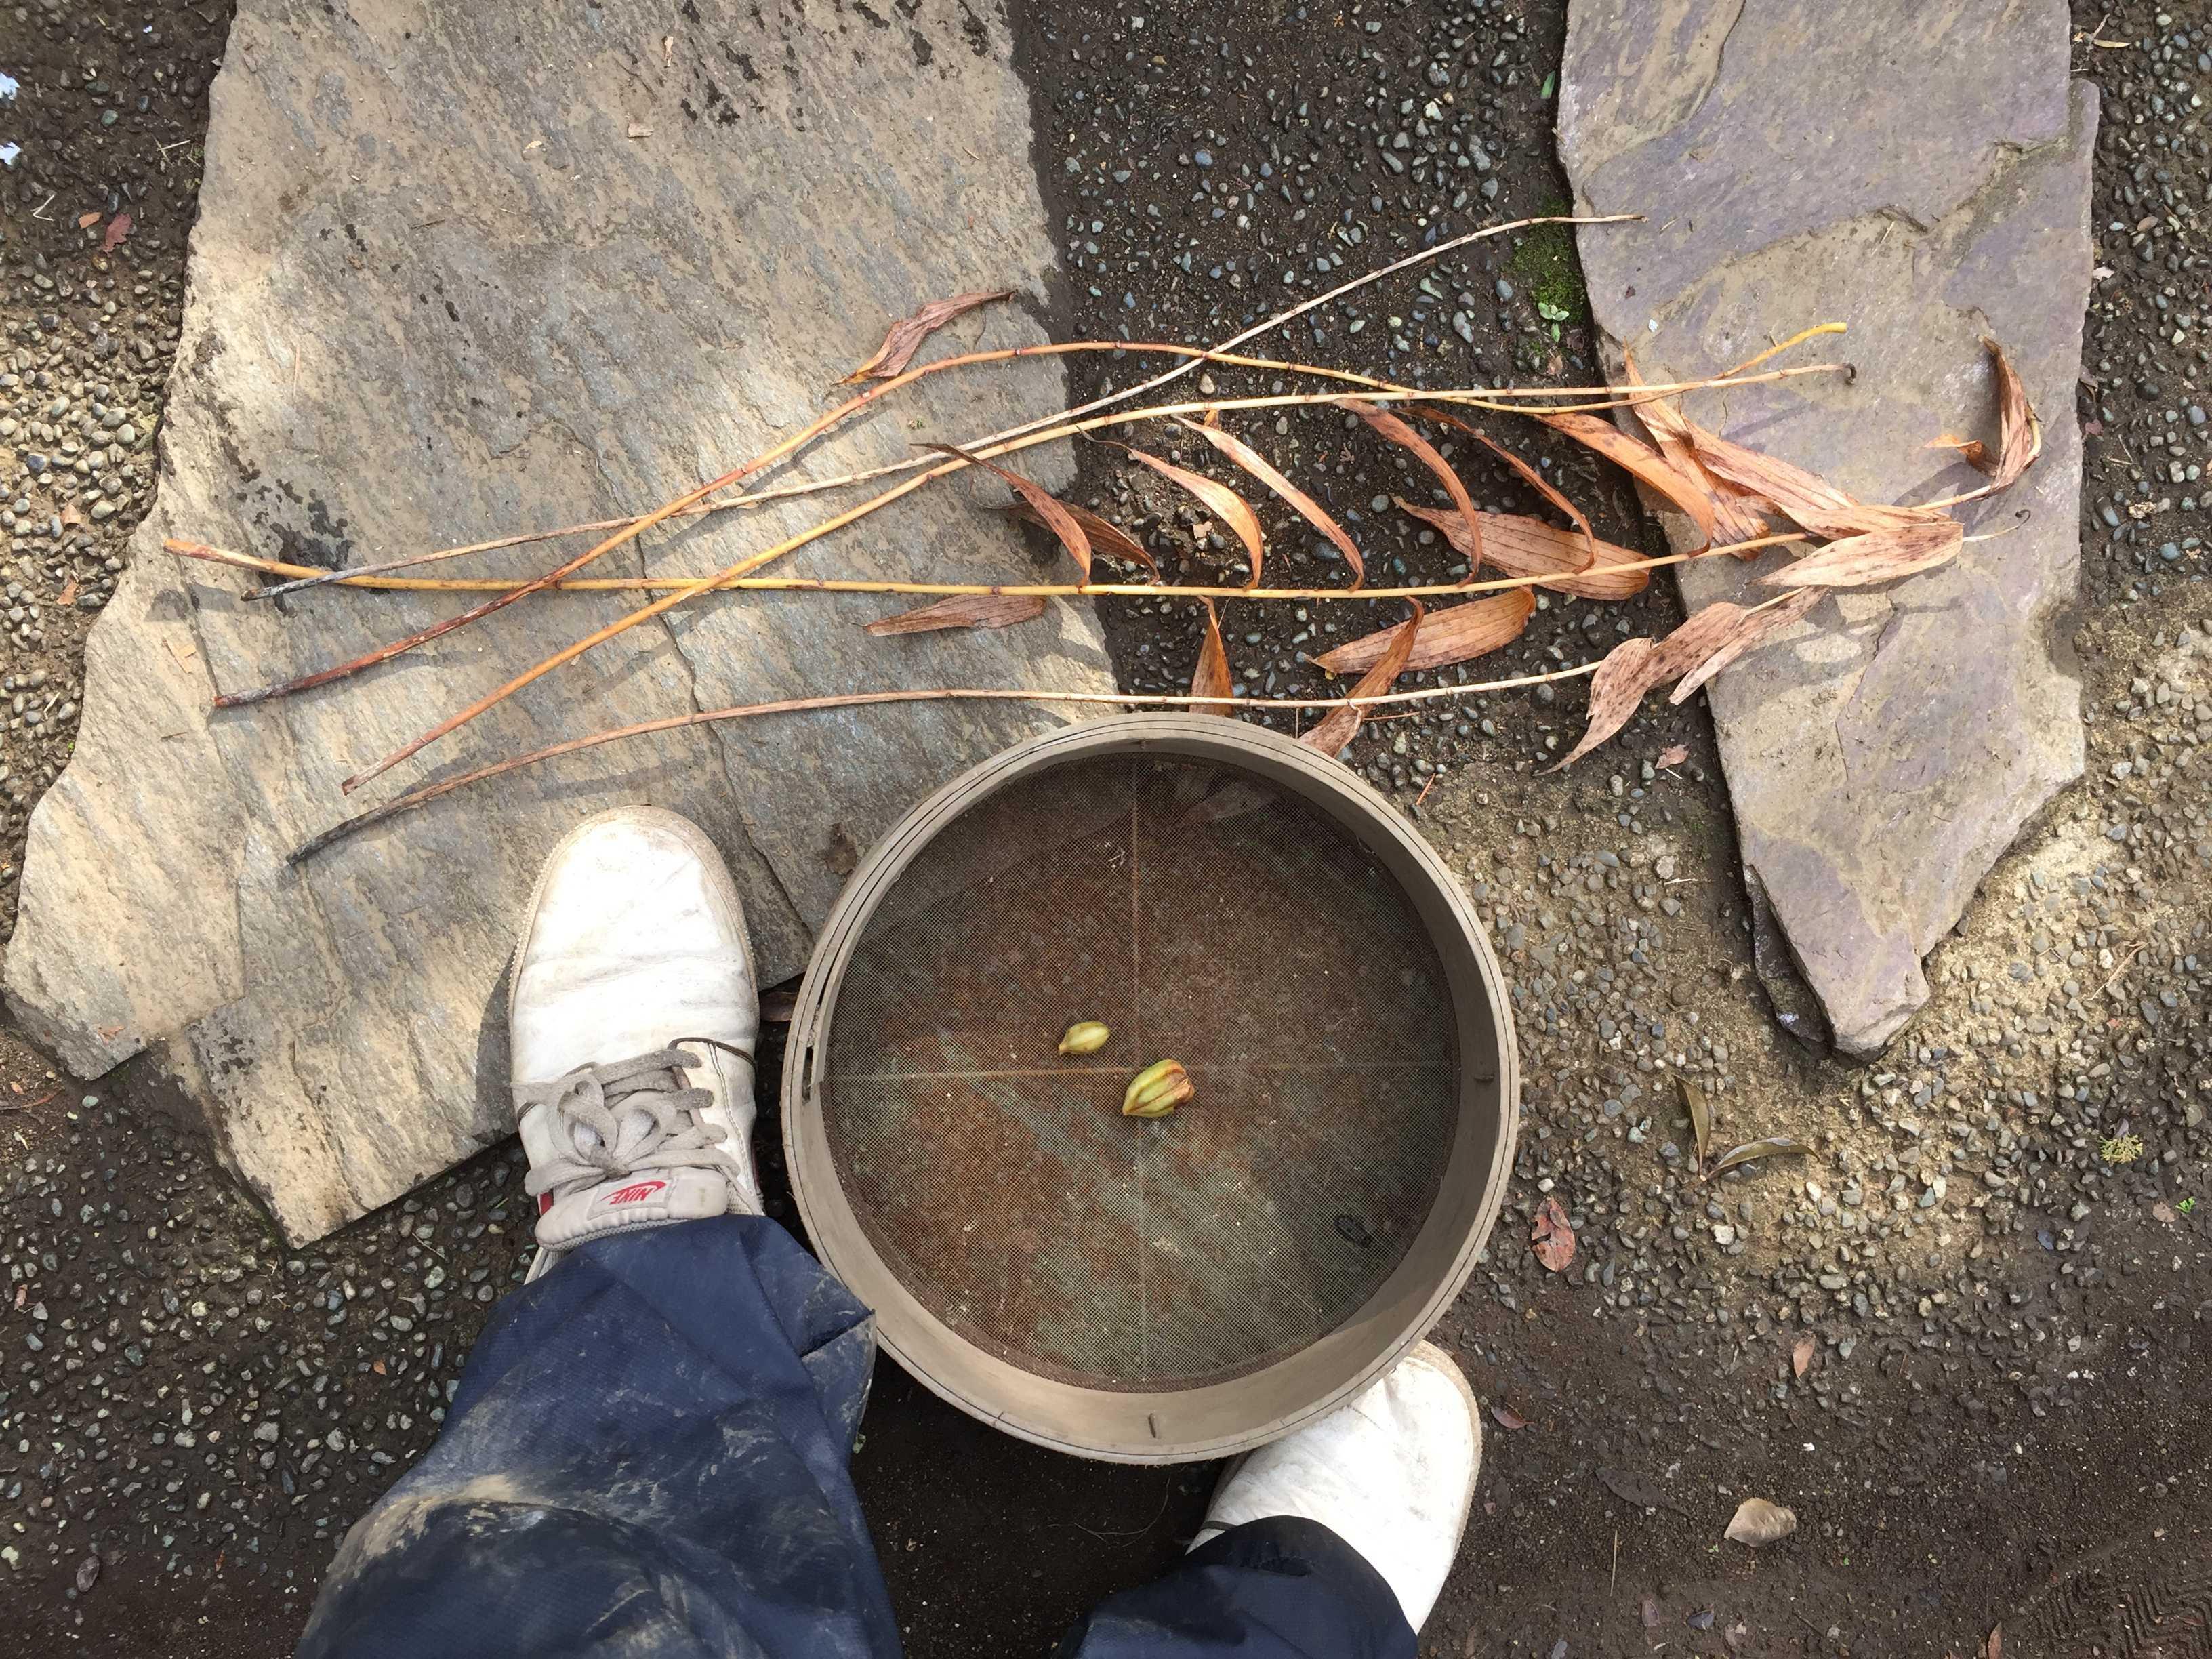 ヤマユリの枯れた茎と葉